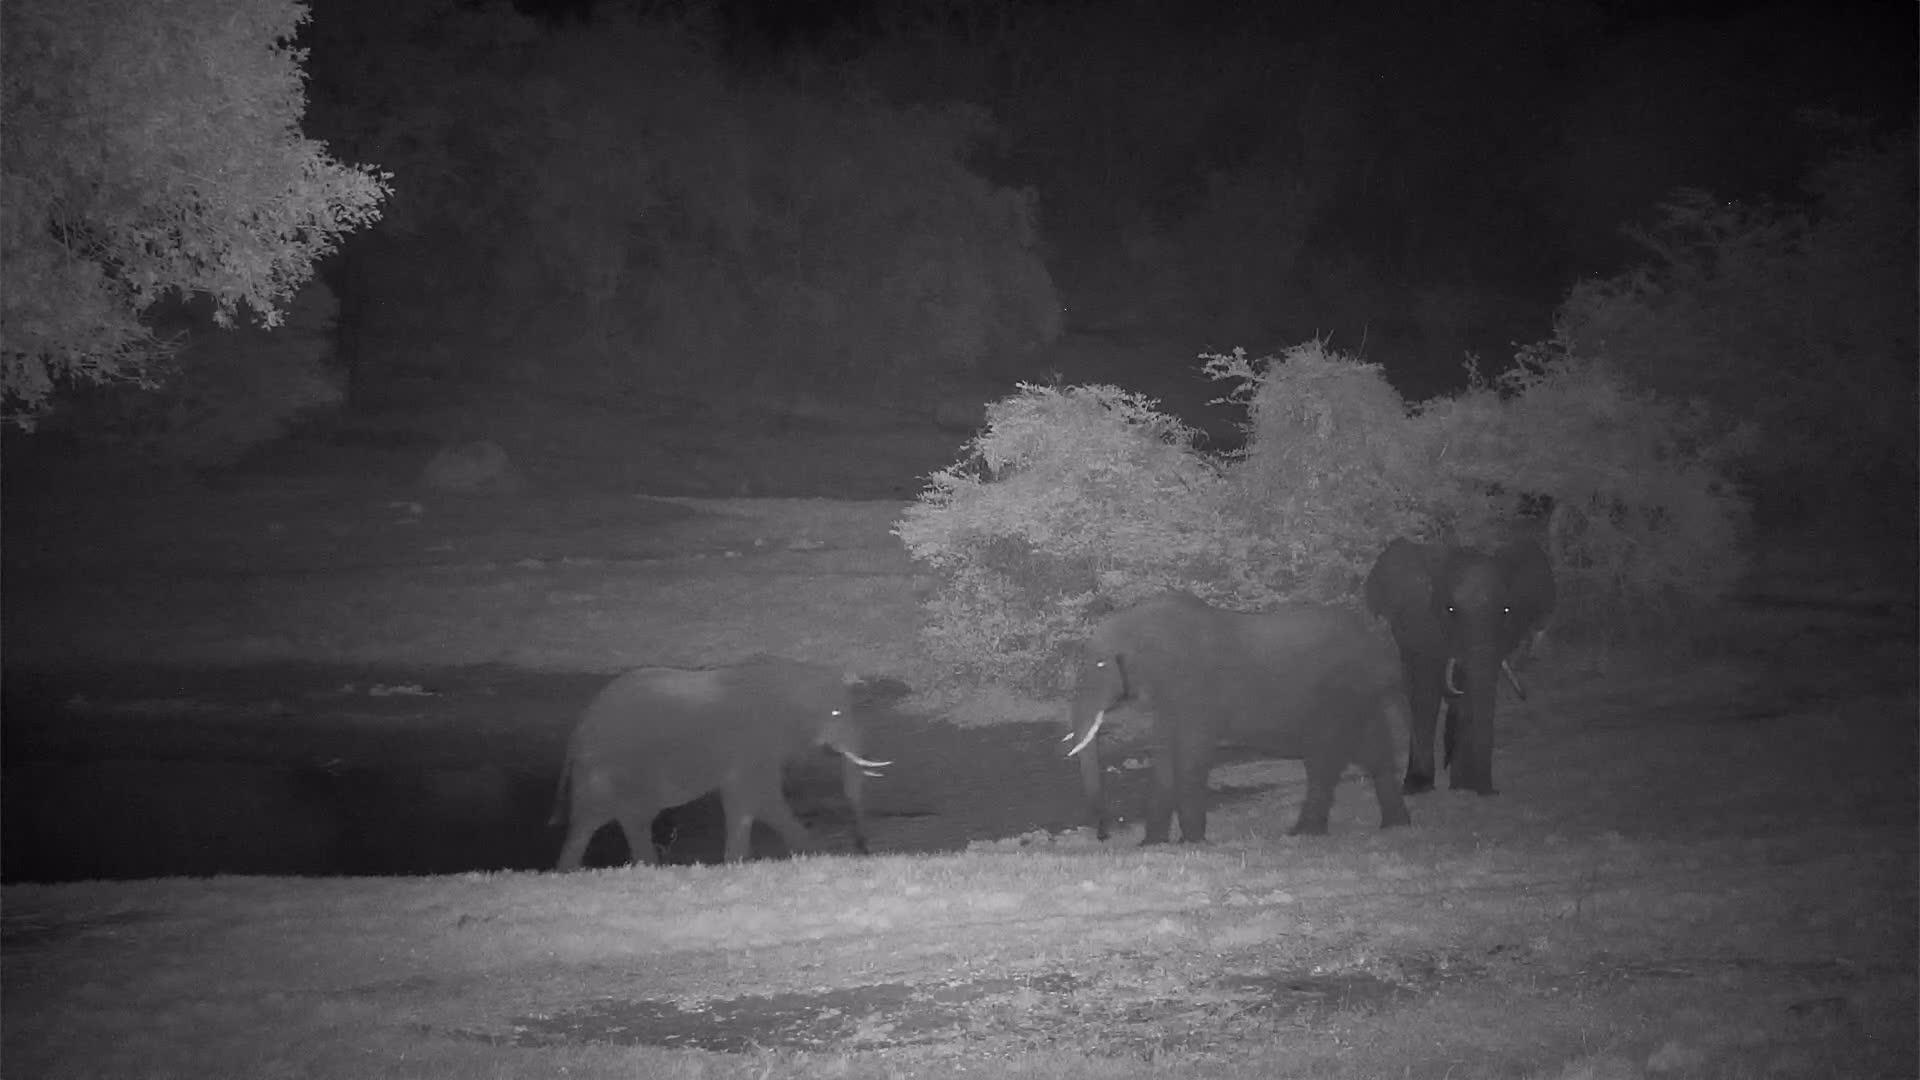 VIDEO: Bull Elephants sparring